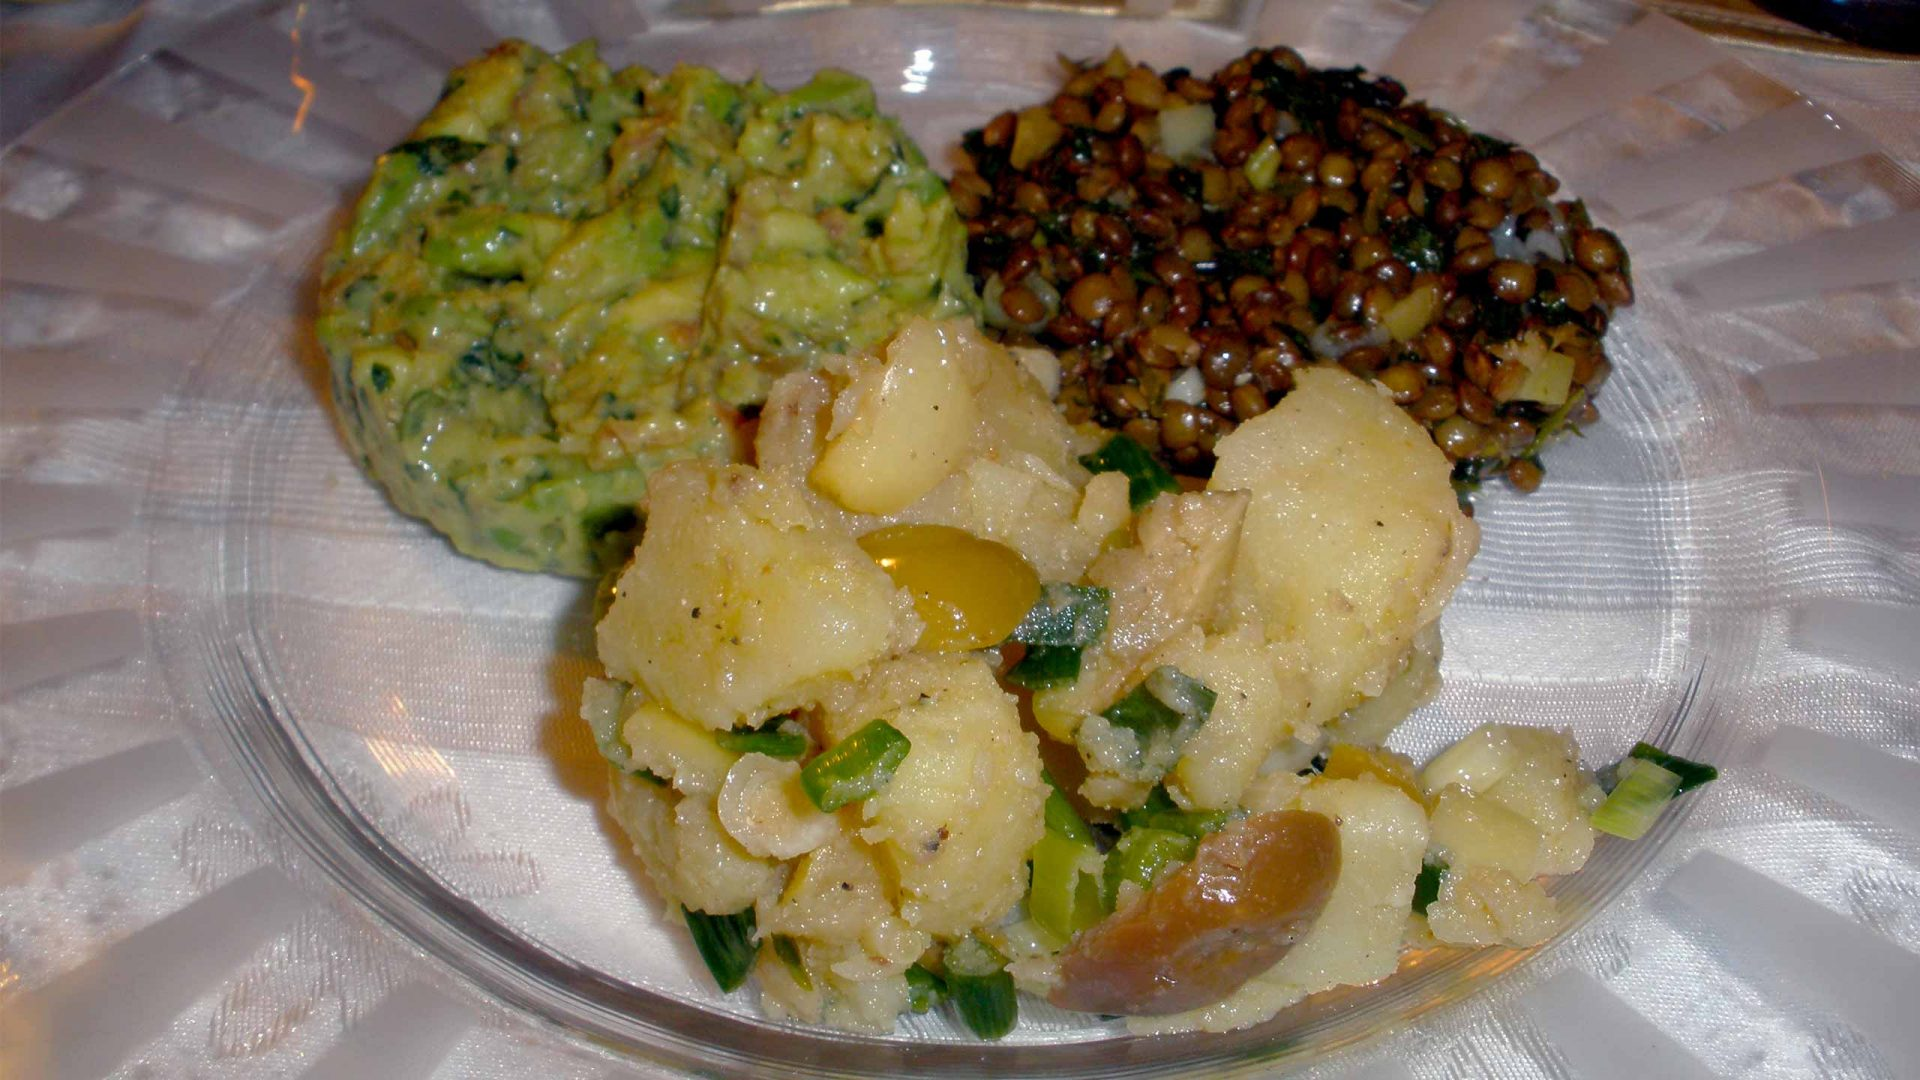 טריו סלטים - עדשים, תפוחי אדמה וגוואקמולי